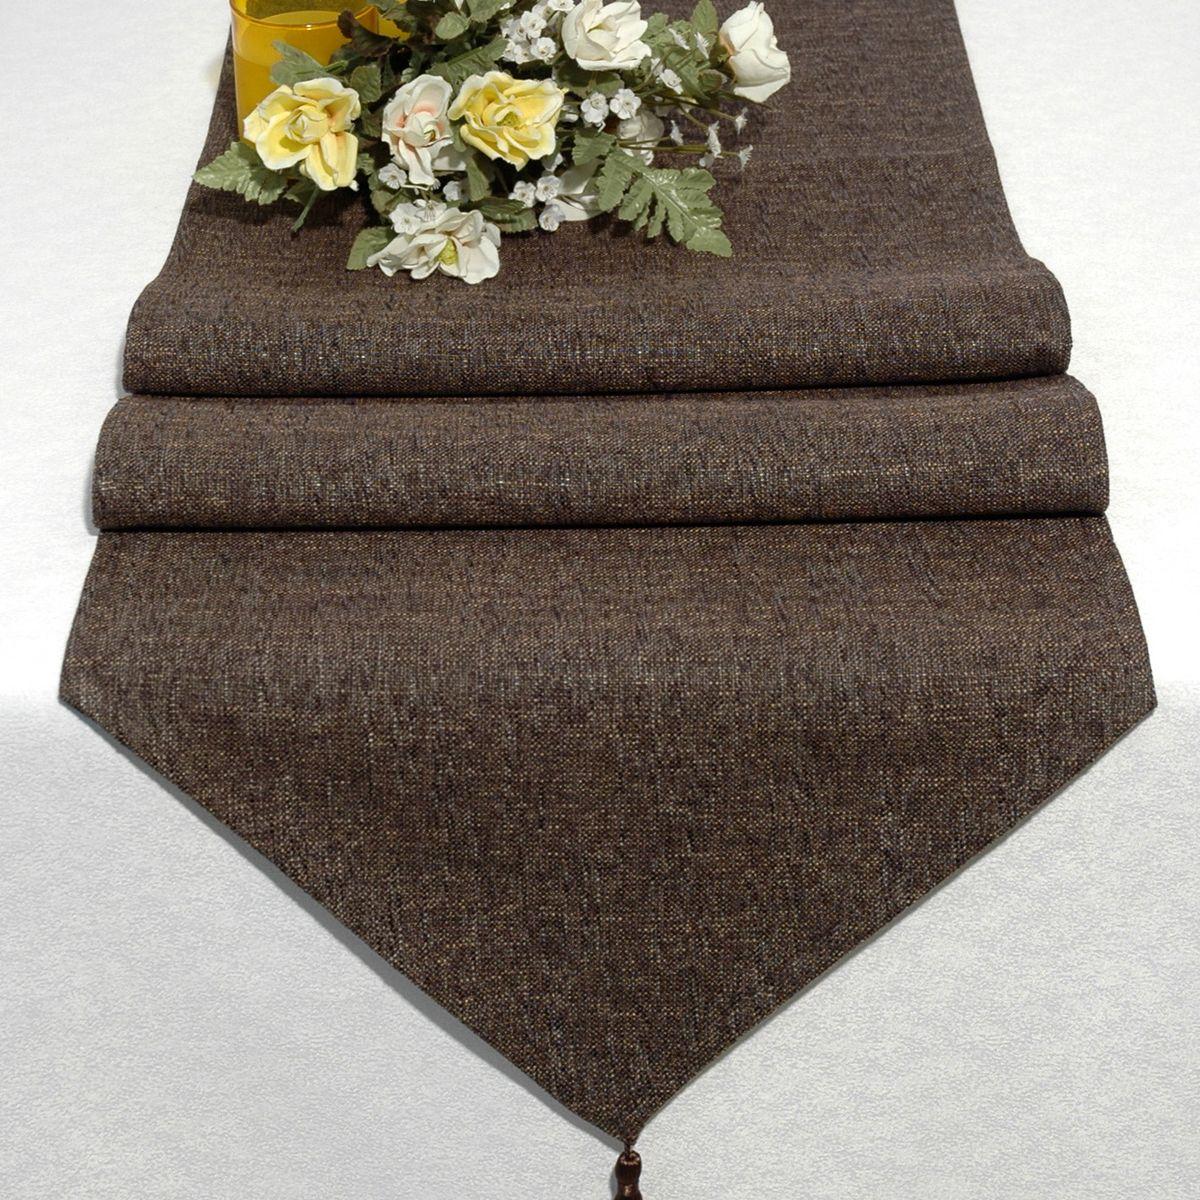 Дорожка для декорирования стола Schaefer, 40 x 160 см, цвет: коричневый. 06749-25406749-254Дорожка для декорирования стола Schaefer может быть использована, как основной элемент, так и дополнение для создания уюта и романтического настроения.Дорожка выполнена из полиэстера. Изделие легко стирать: оно не мнется, не садится и быстро сохнет, более долговечно, чем изделие из натуральных волокон.Материал: полиэстер, акрил Размер: 40 x 160 см.